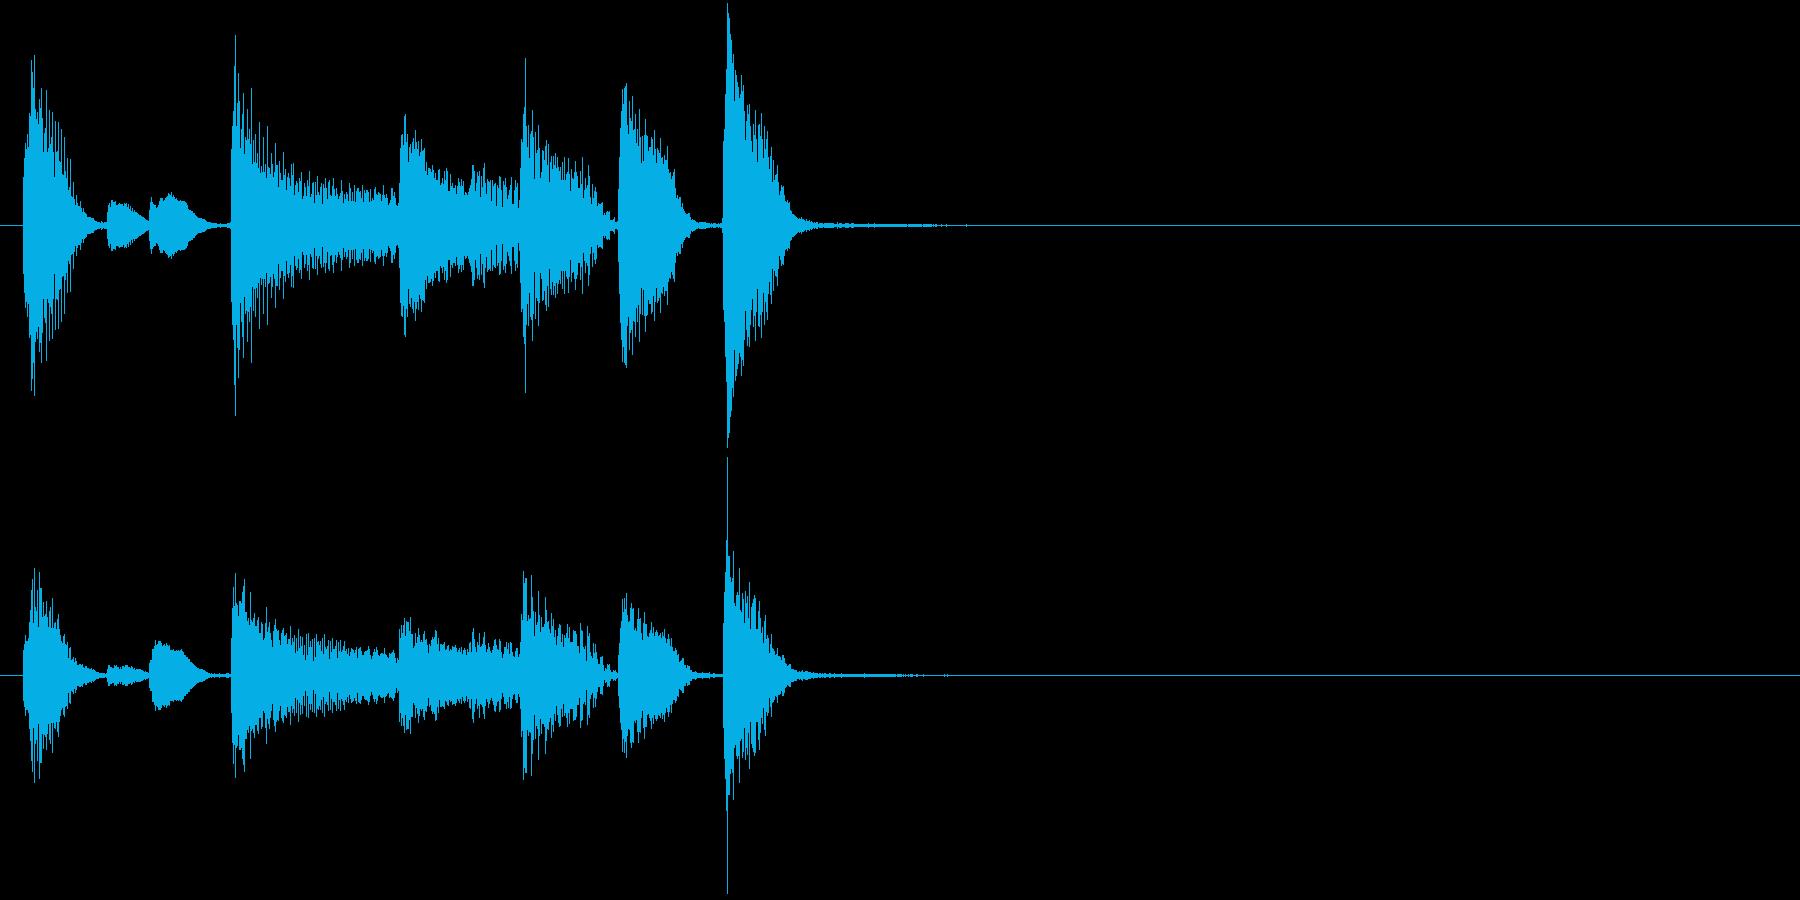 るんるん気分なピアノソロのサウンドロゴの再生済みの波形